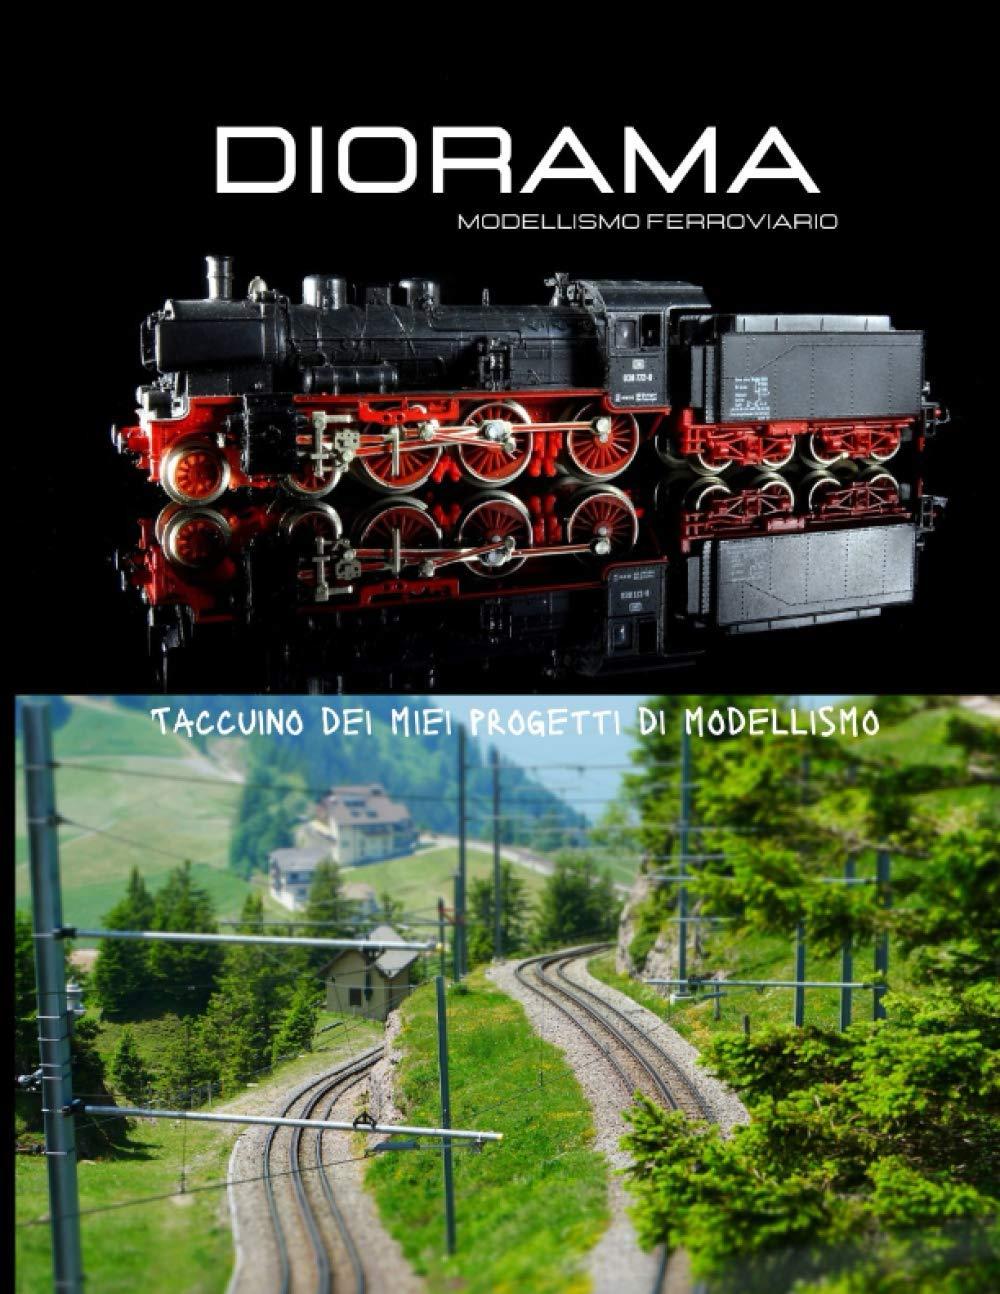 Diorama modellismo ferroviario: Taccuino dei miei progetti di modellismo,...